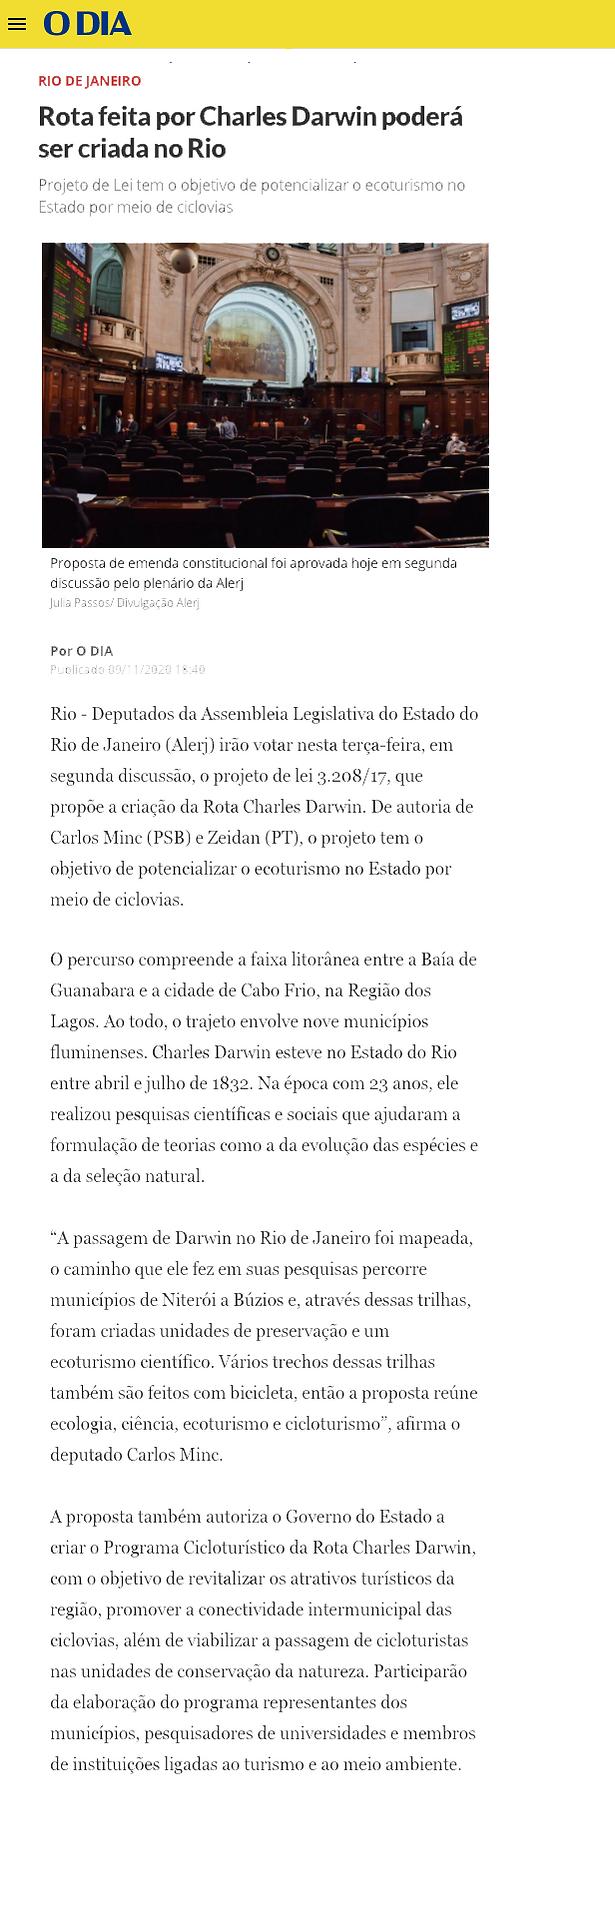 screenshot-odia.ig.com.br-2020.11.10-10_